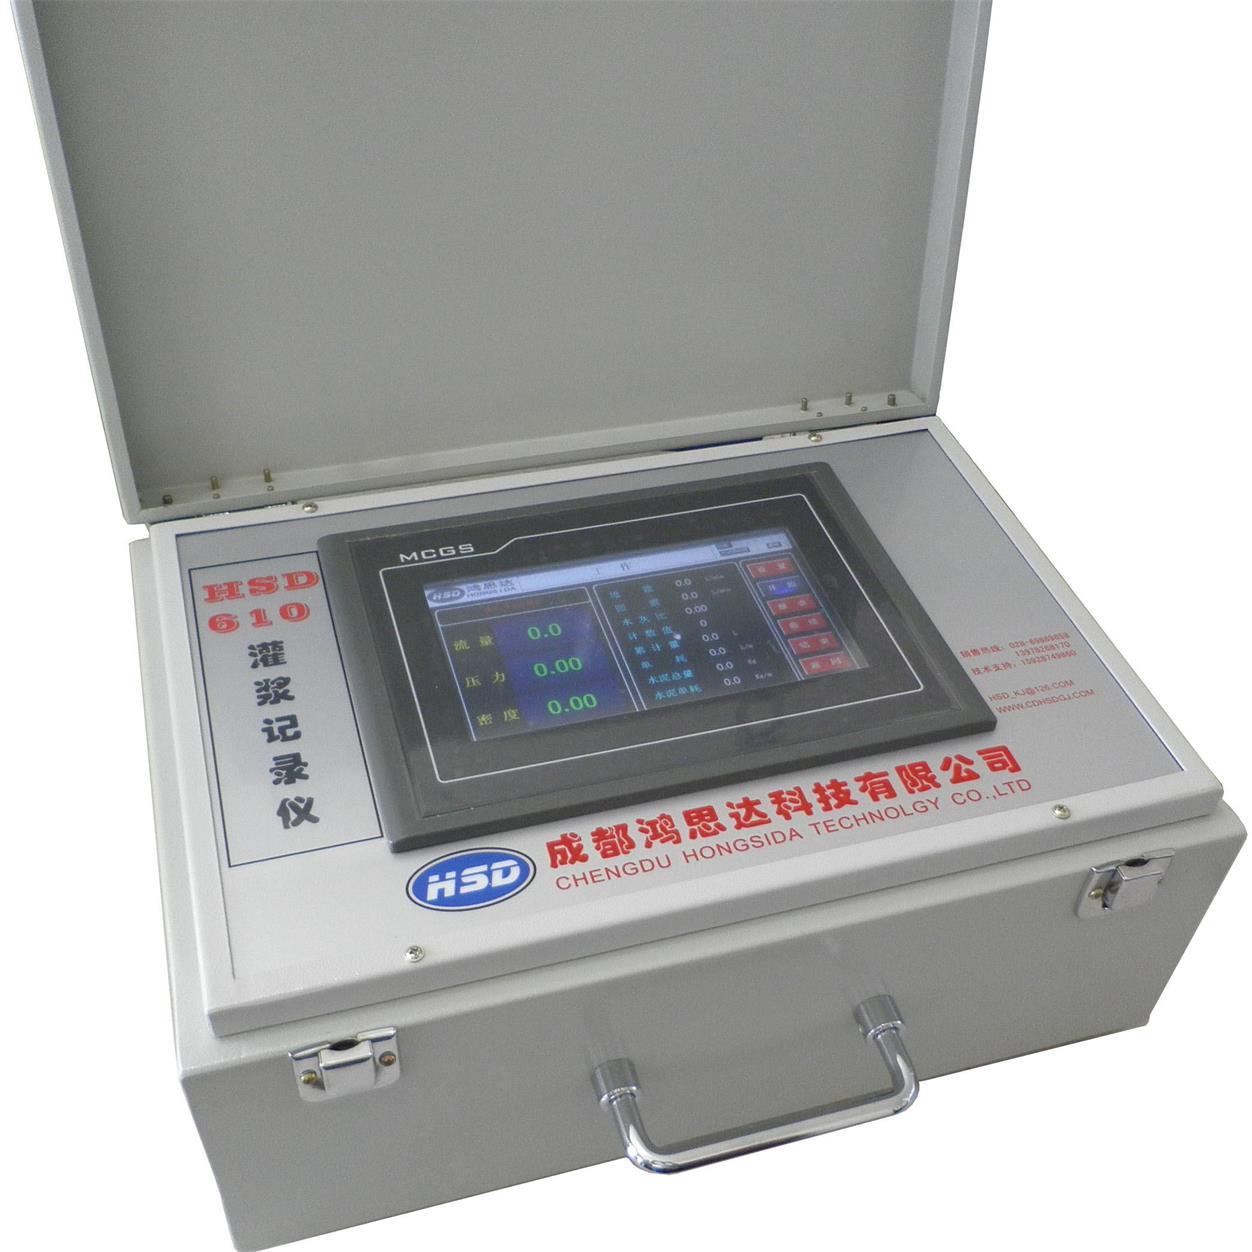 成都智能灌浆仪在施工中常用的灌浆材料